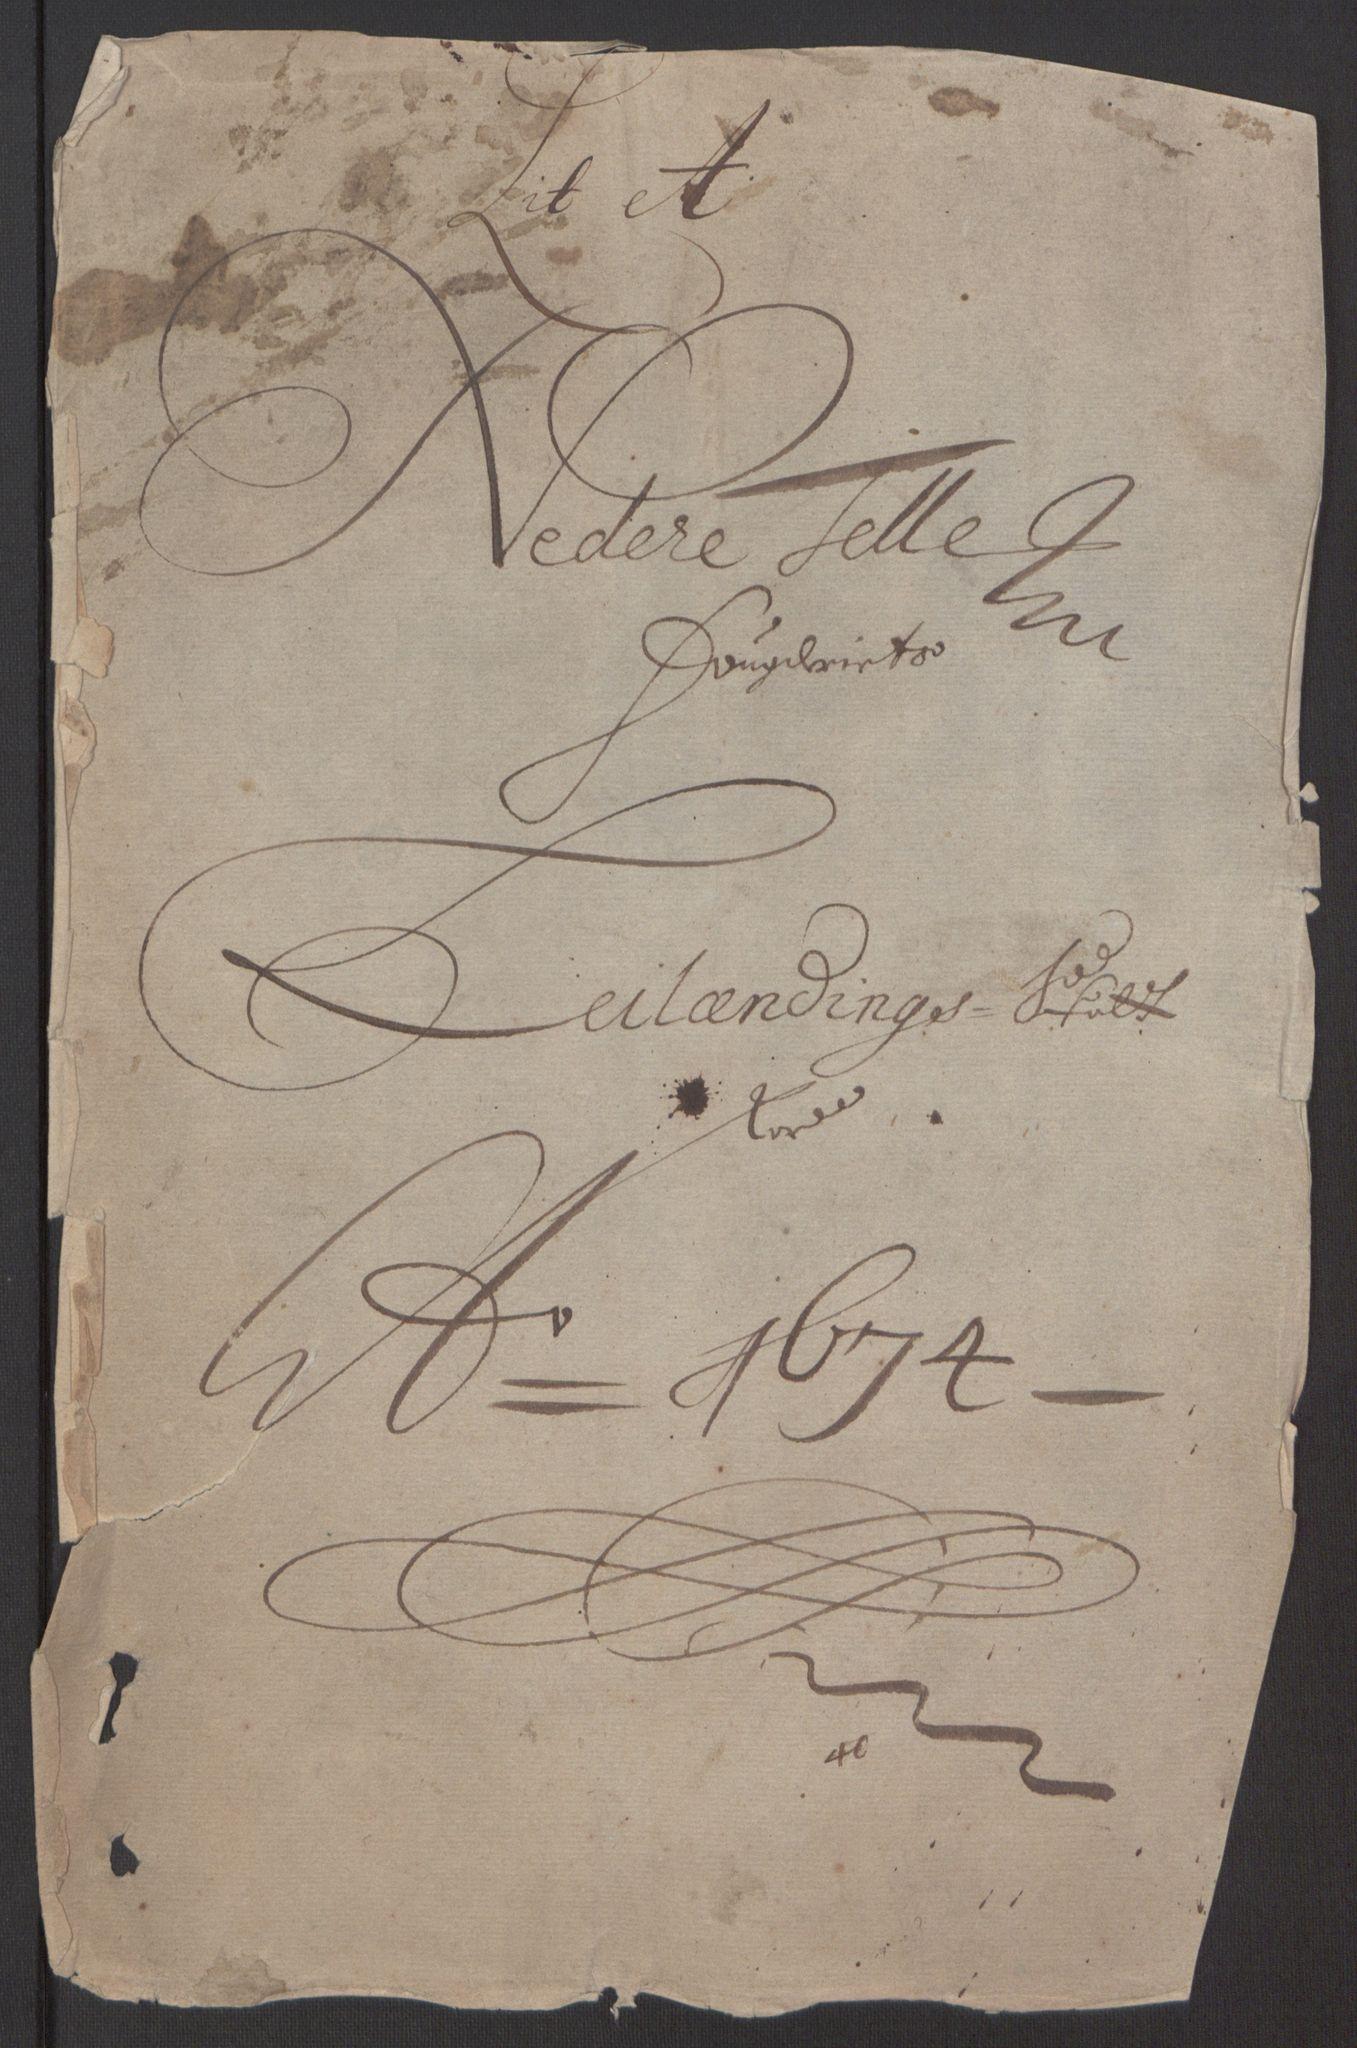 RA, Rentekammeret inntil 1814, Reviderte regnskaper, Fogderegnskap, R35/L2061: Fogderegnskap Øvre og Nedre Telemark, 1673-1674, s. 8